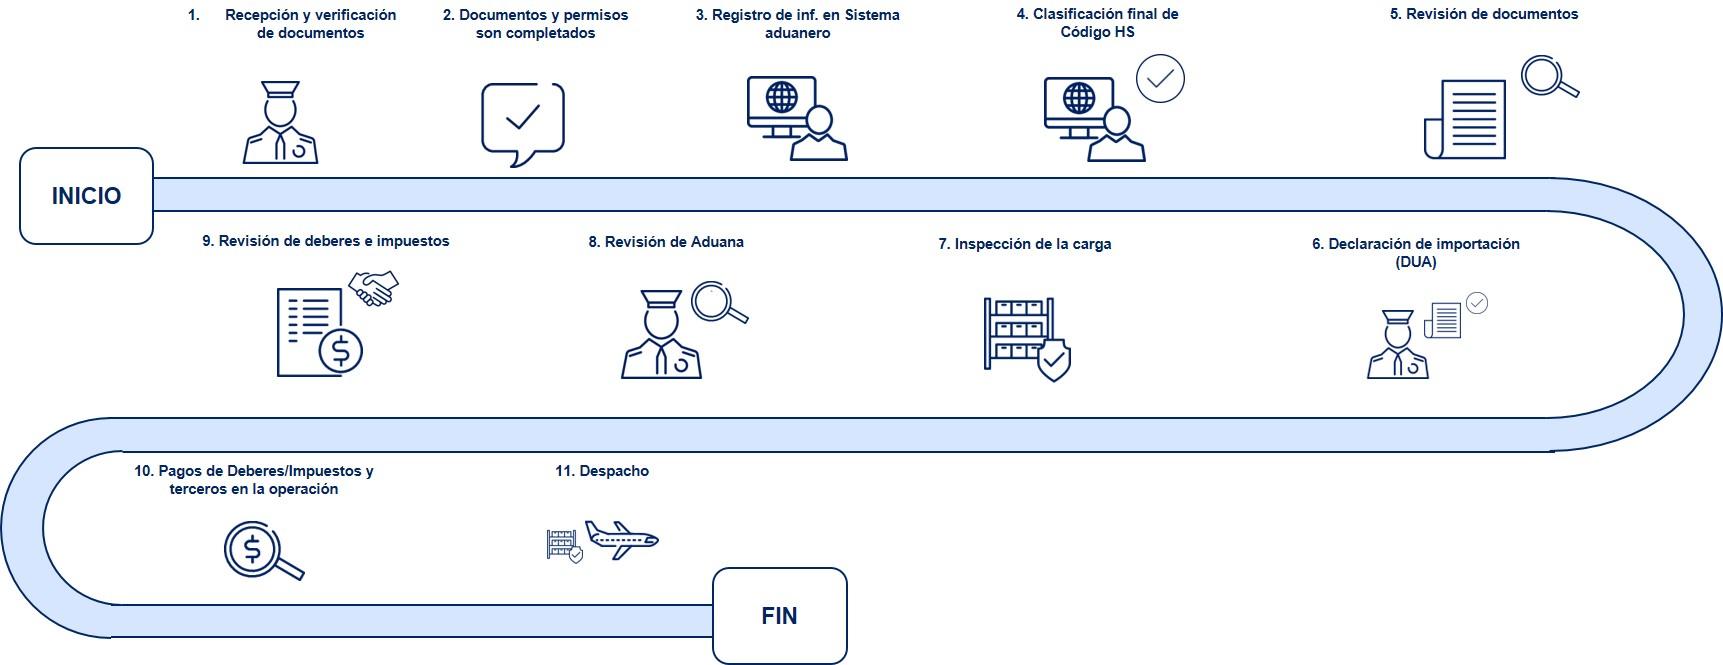 Republica Dominicana Diagrama de flujo Despacho de Aduanas Importacion Aerea